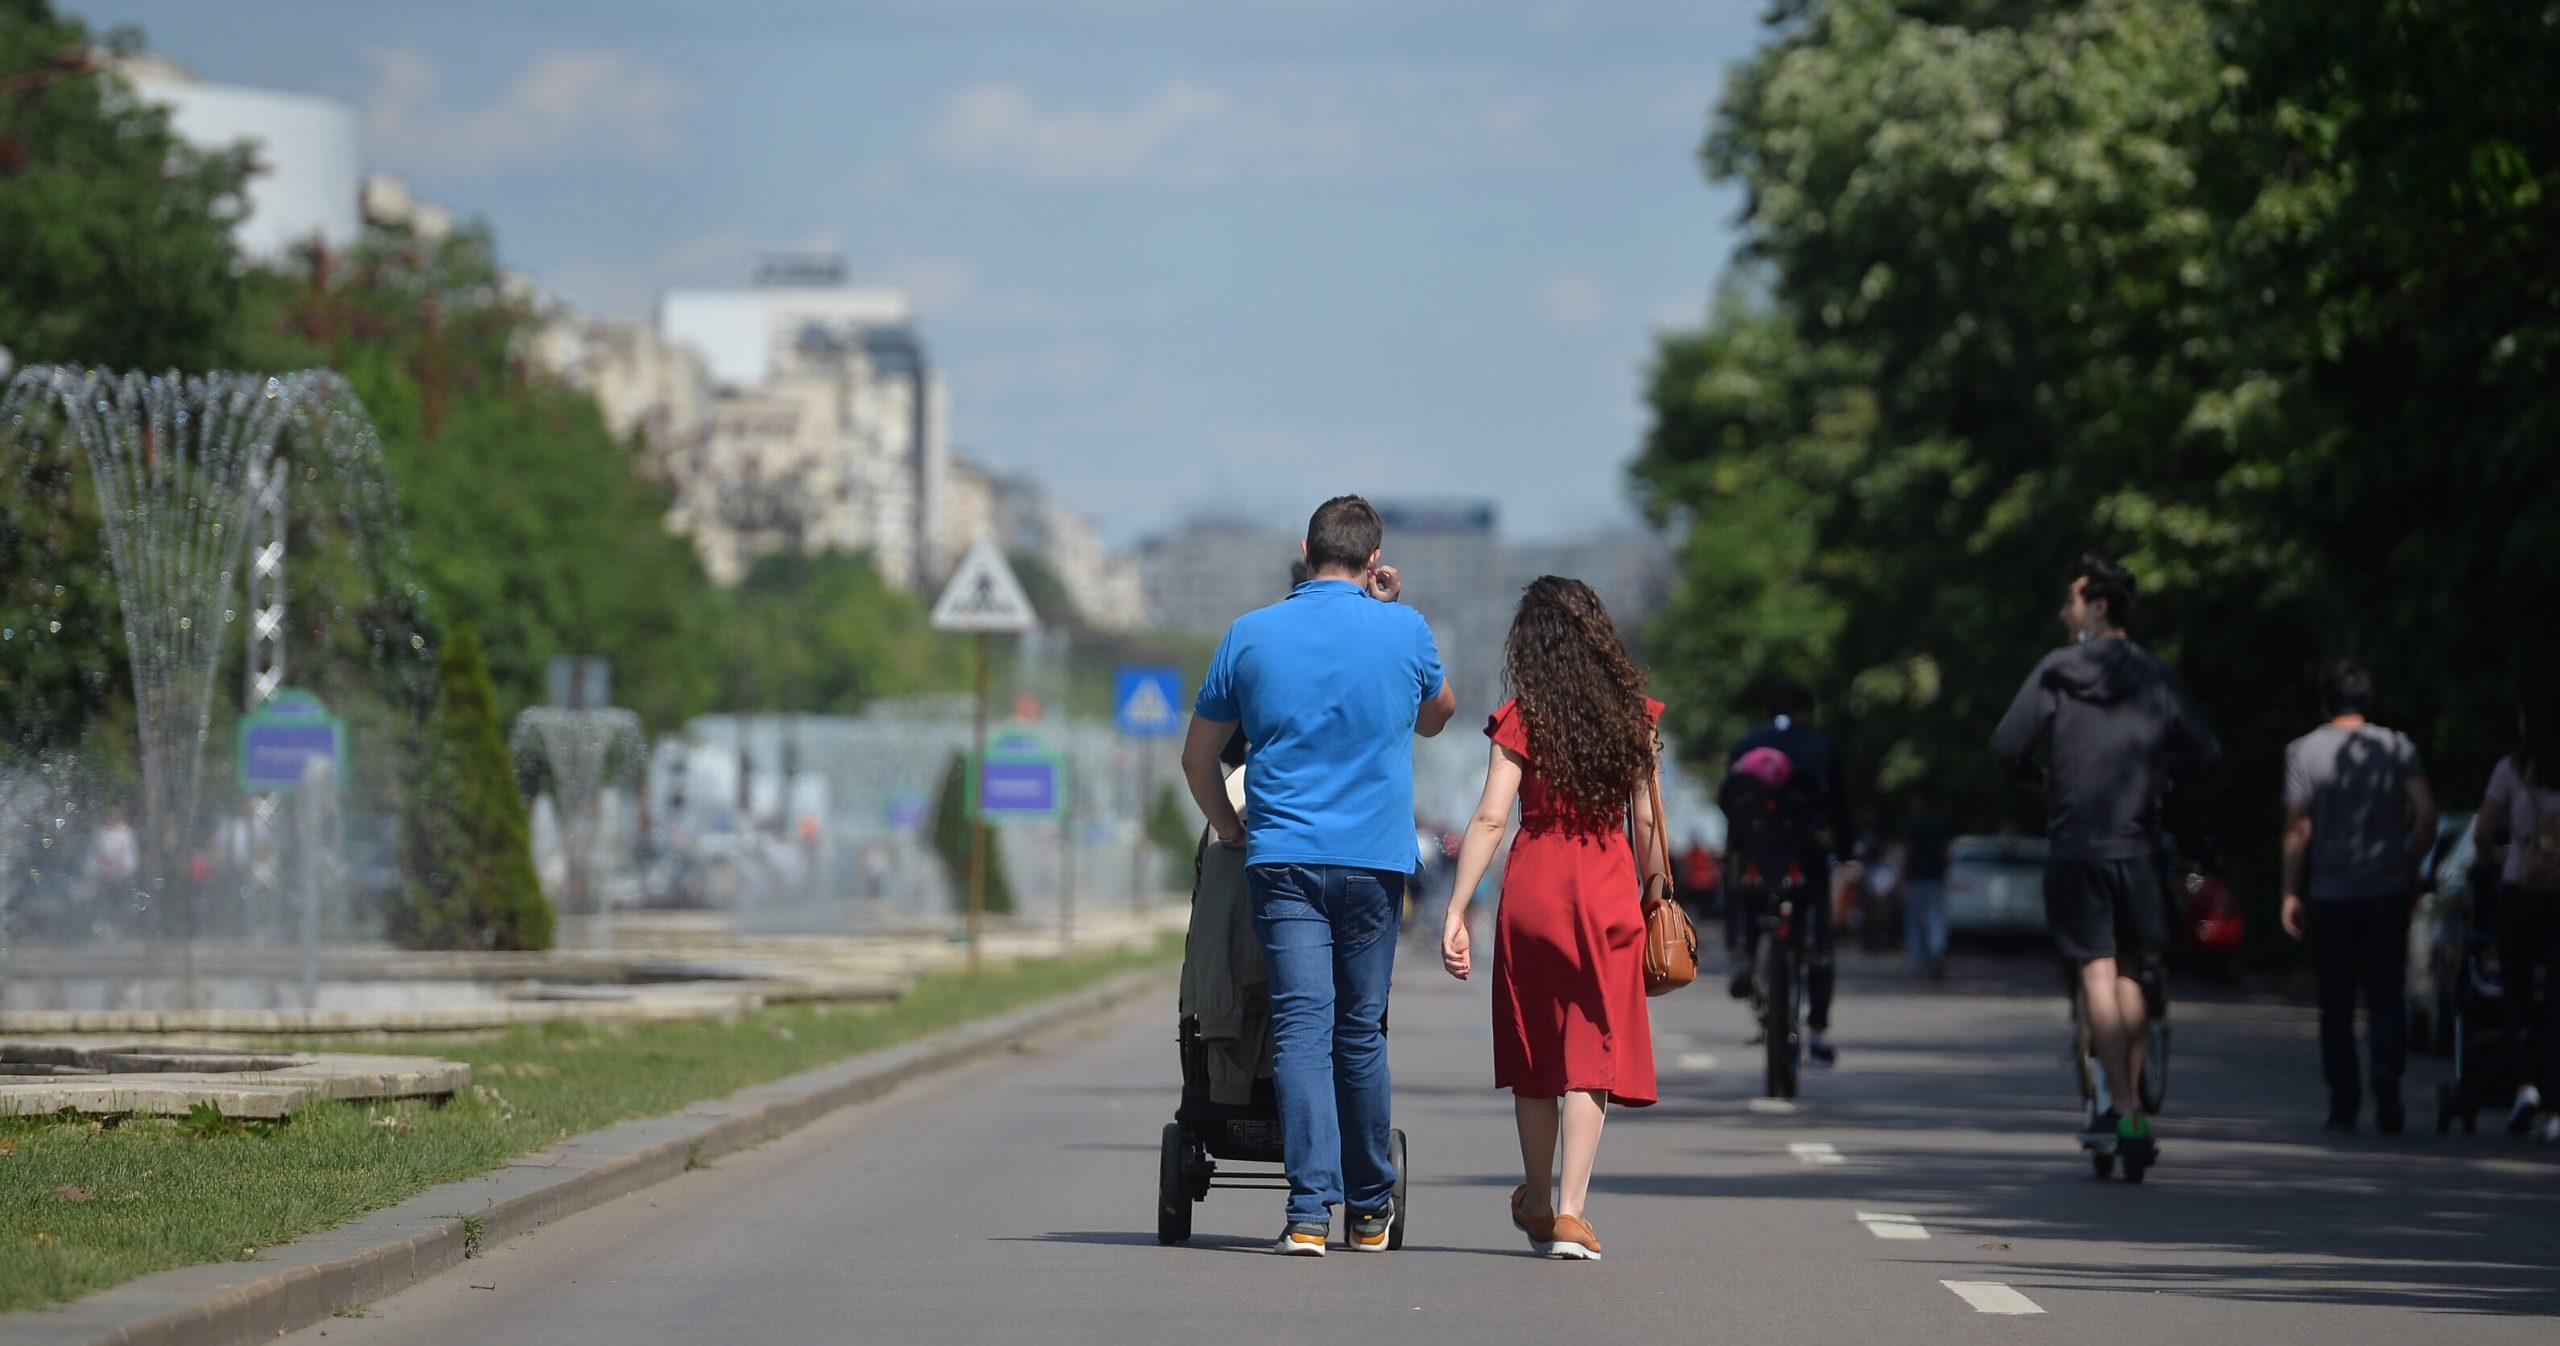 Centrul Capitalei va fi închis circulației rutiere în weekend-uri, începând cu 29 mai. Harta zonelor pietonale din București